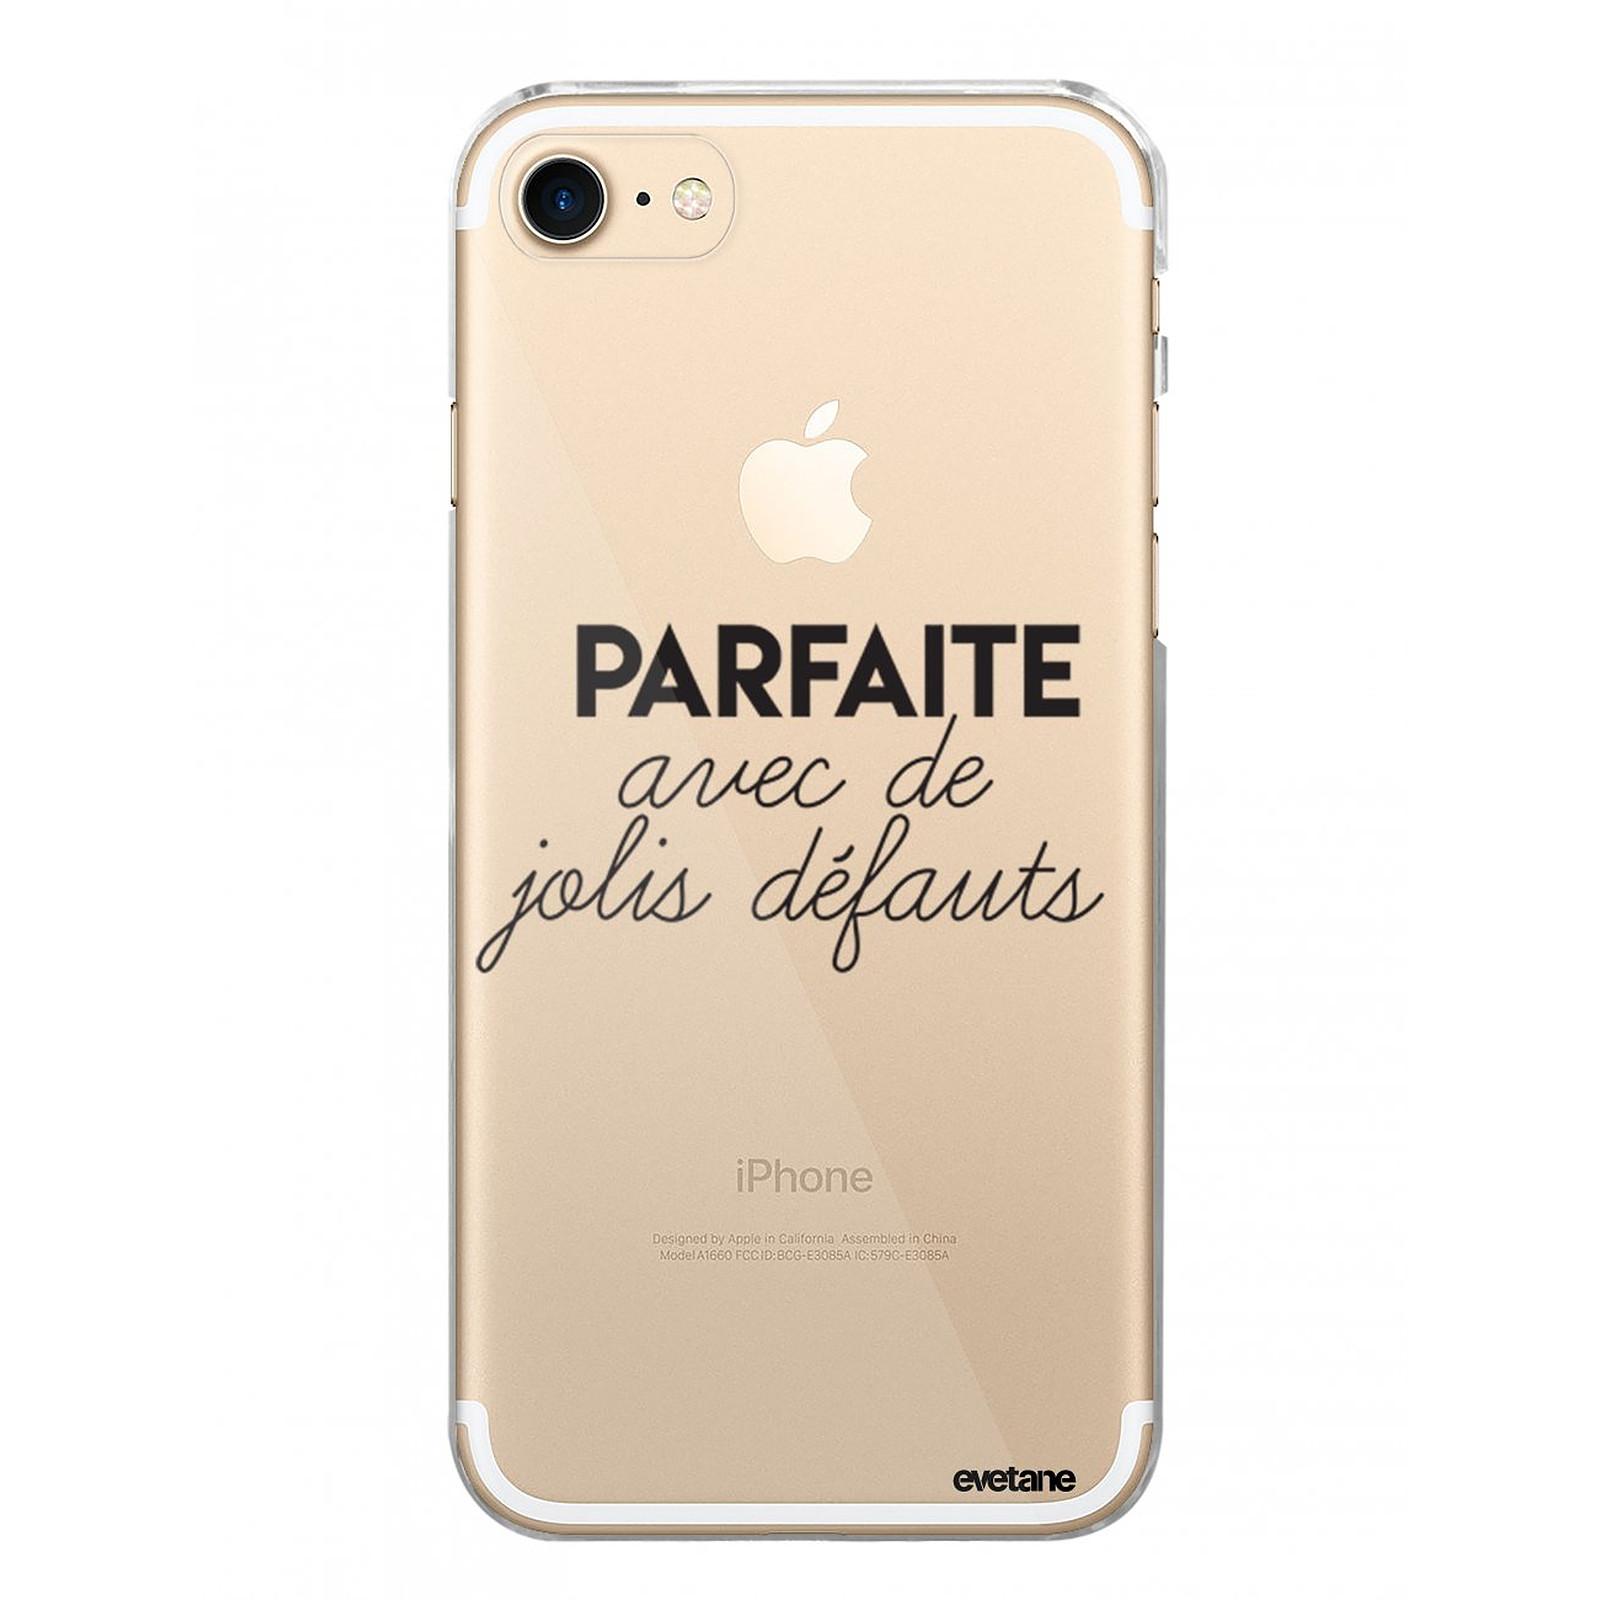 EVETANE Coque iPhone 7/8/ iPhone SE 2020 rigide transparente Parfaite Avec De Jolis Défauts Dessin - Coque téléphone Evetane sur LDLC